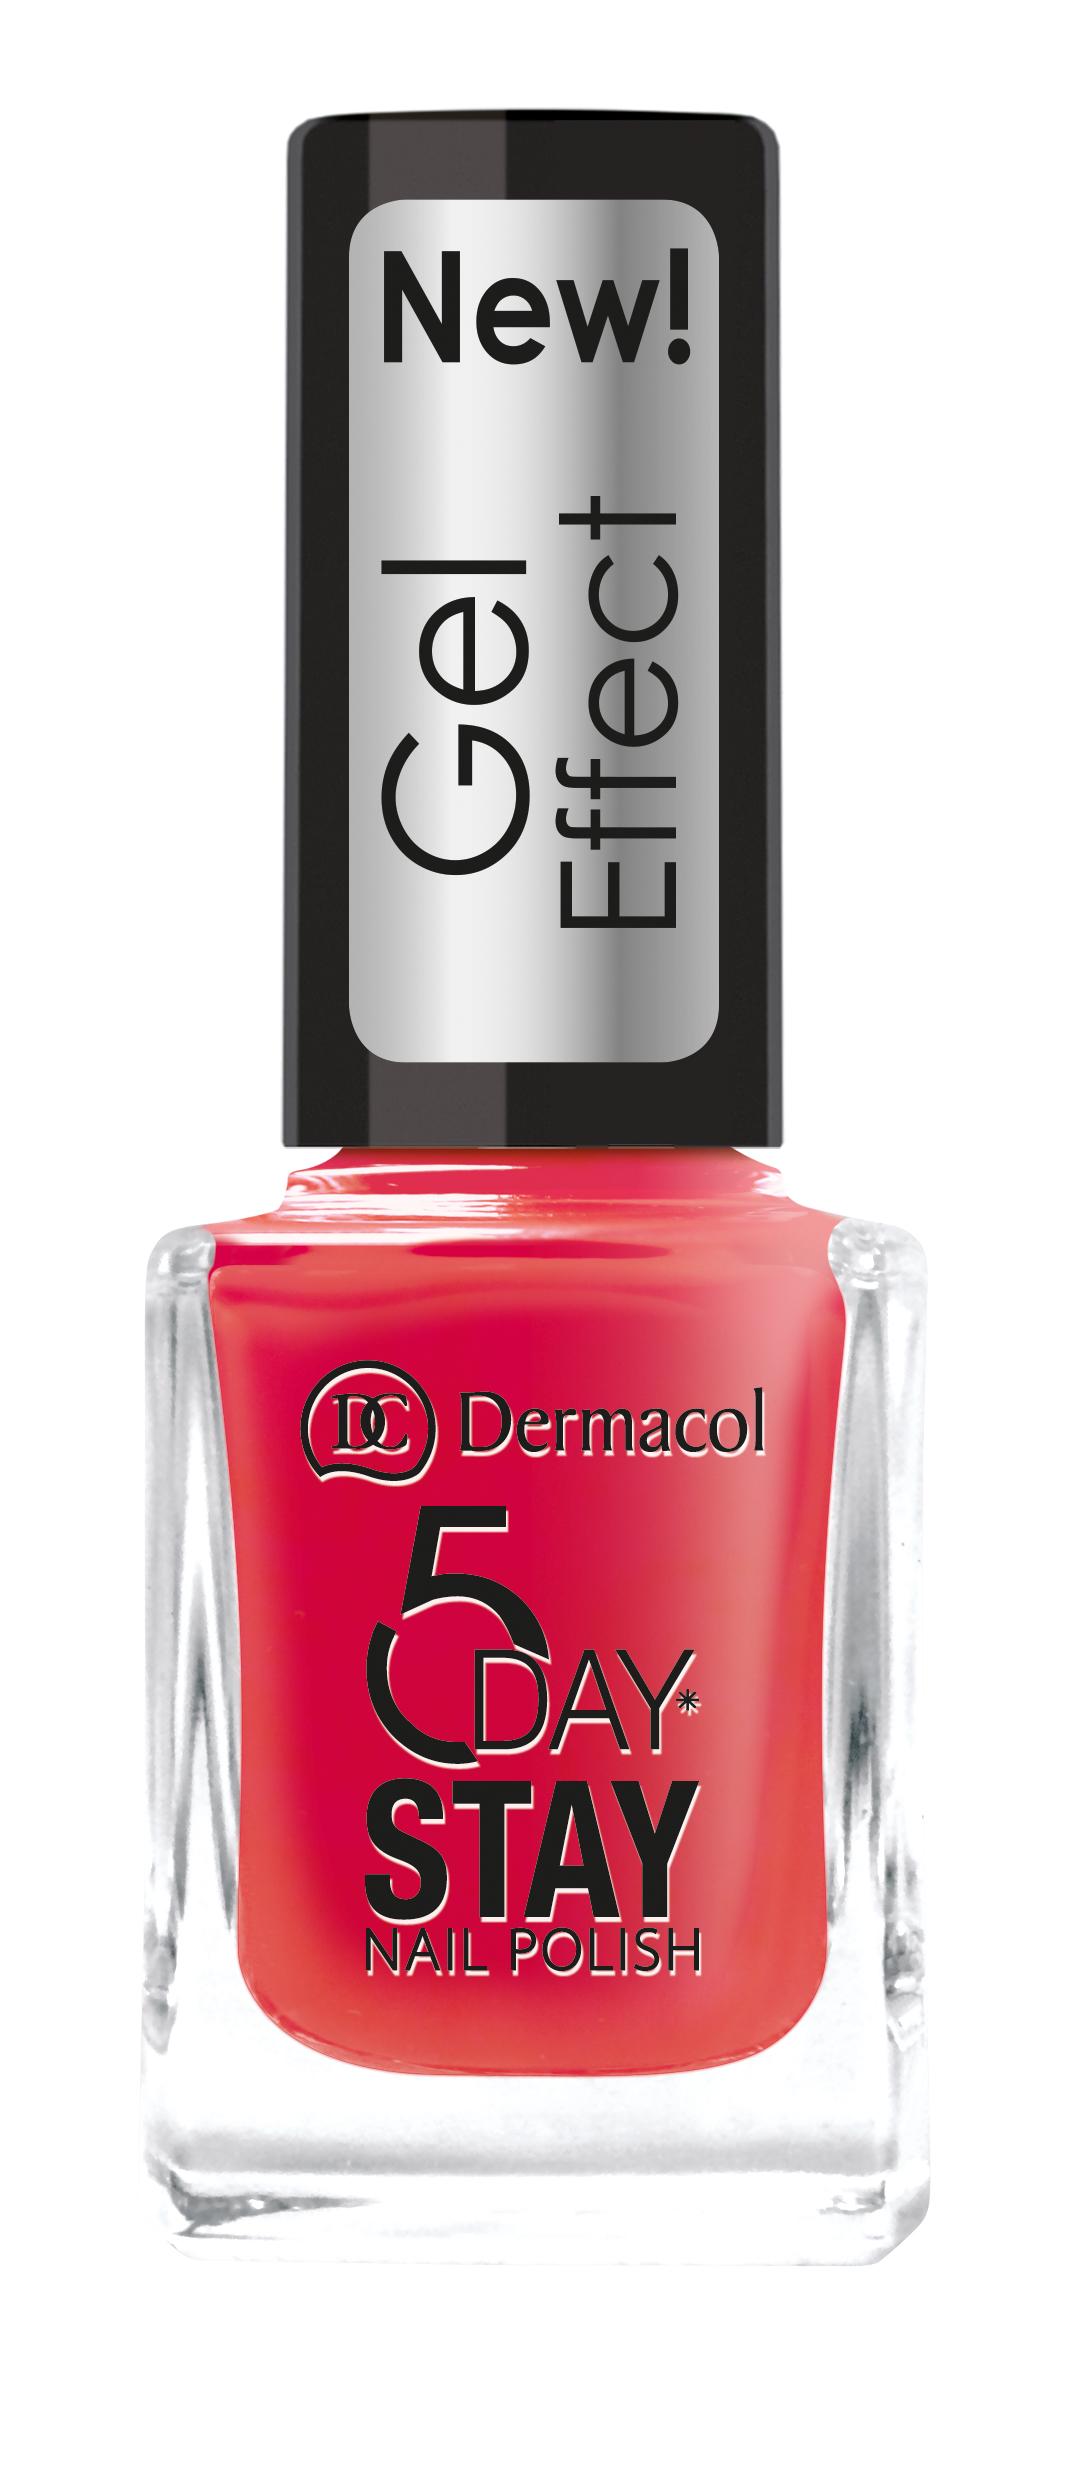 Dermacol Lak Na Nehty S Gelovym Efektem 5 Day Stay Nail Polish Gel Effect 12 Ml Parfemy Cz